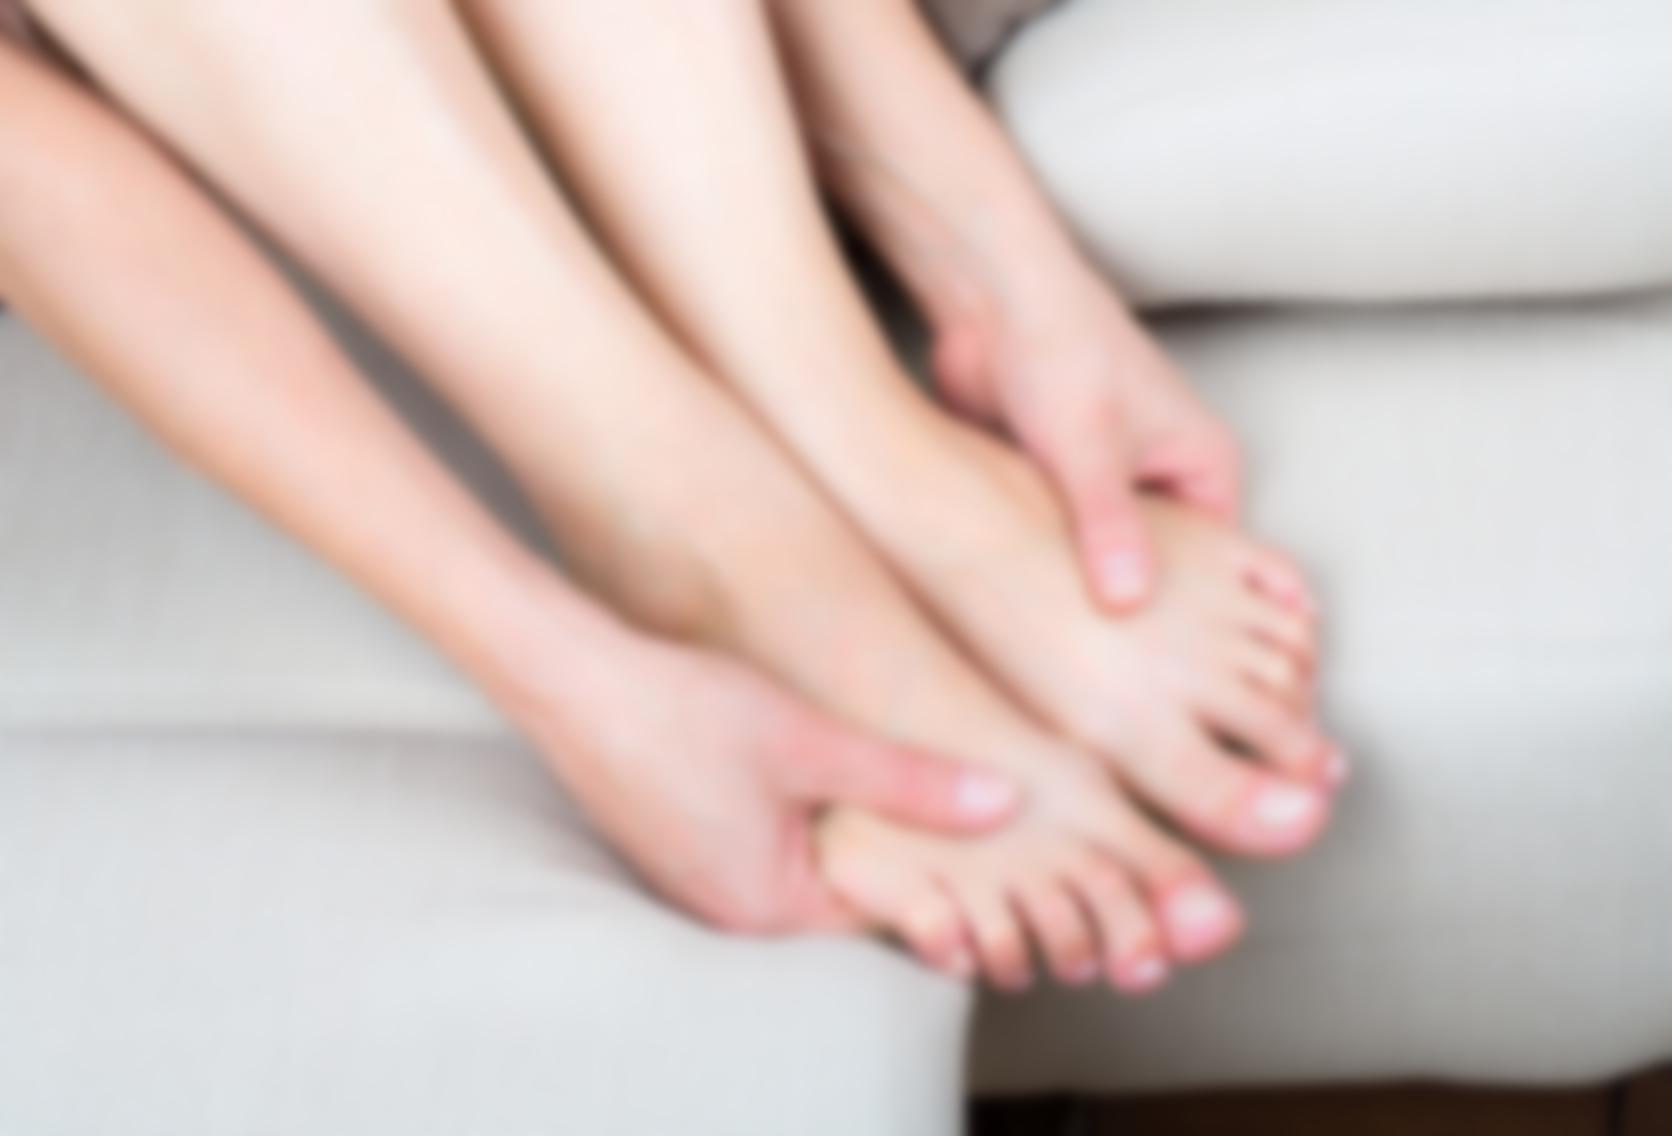 Как лечить грибок ногтей Микозаном Отзывы пациентов